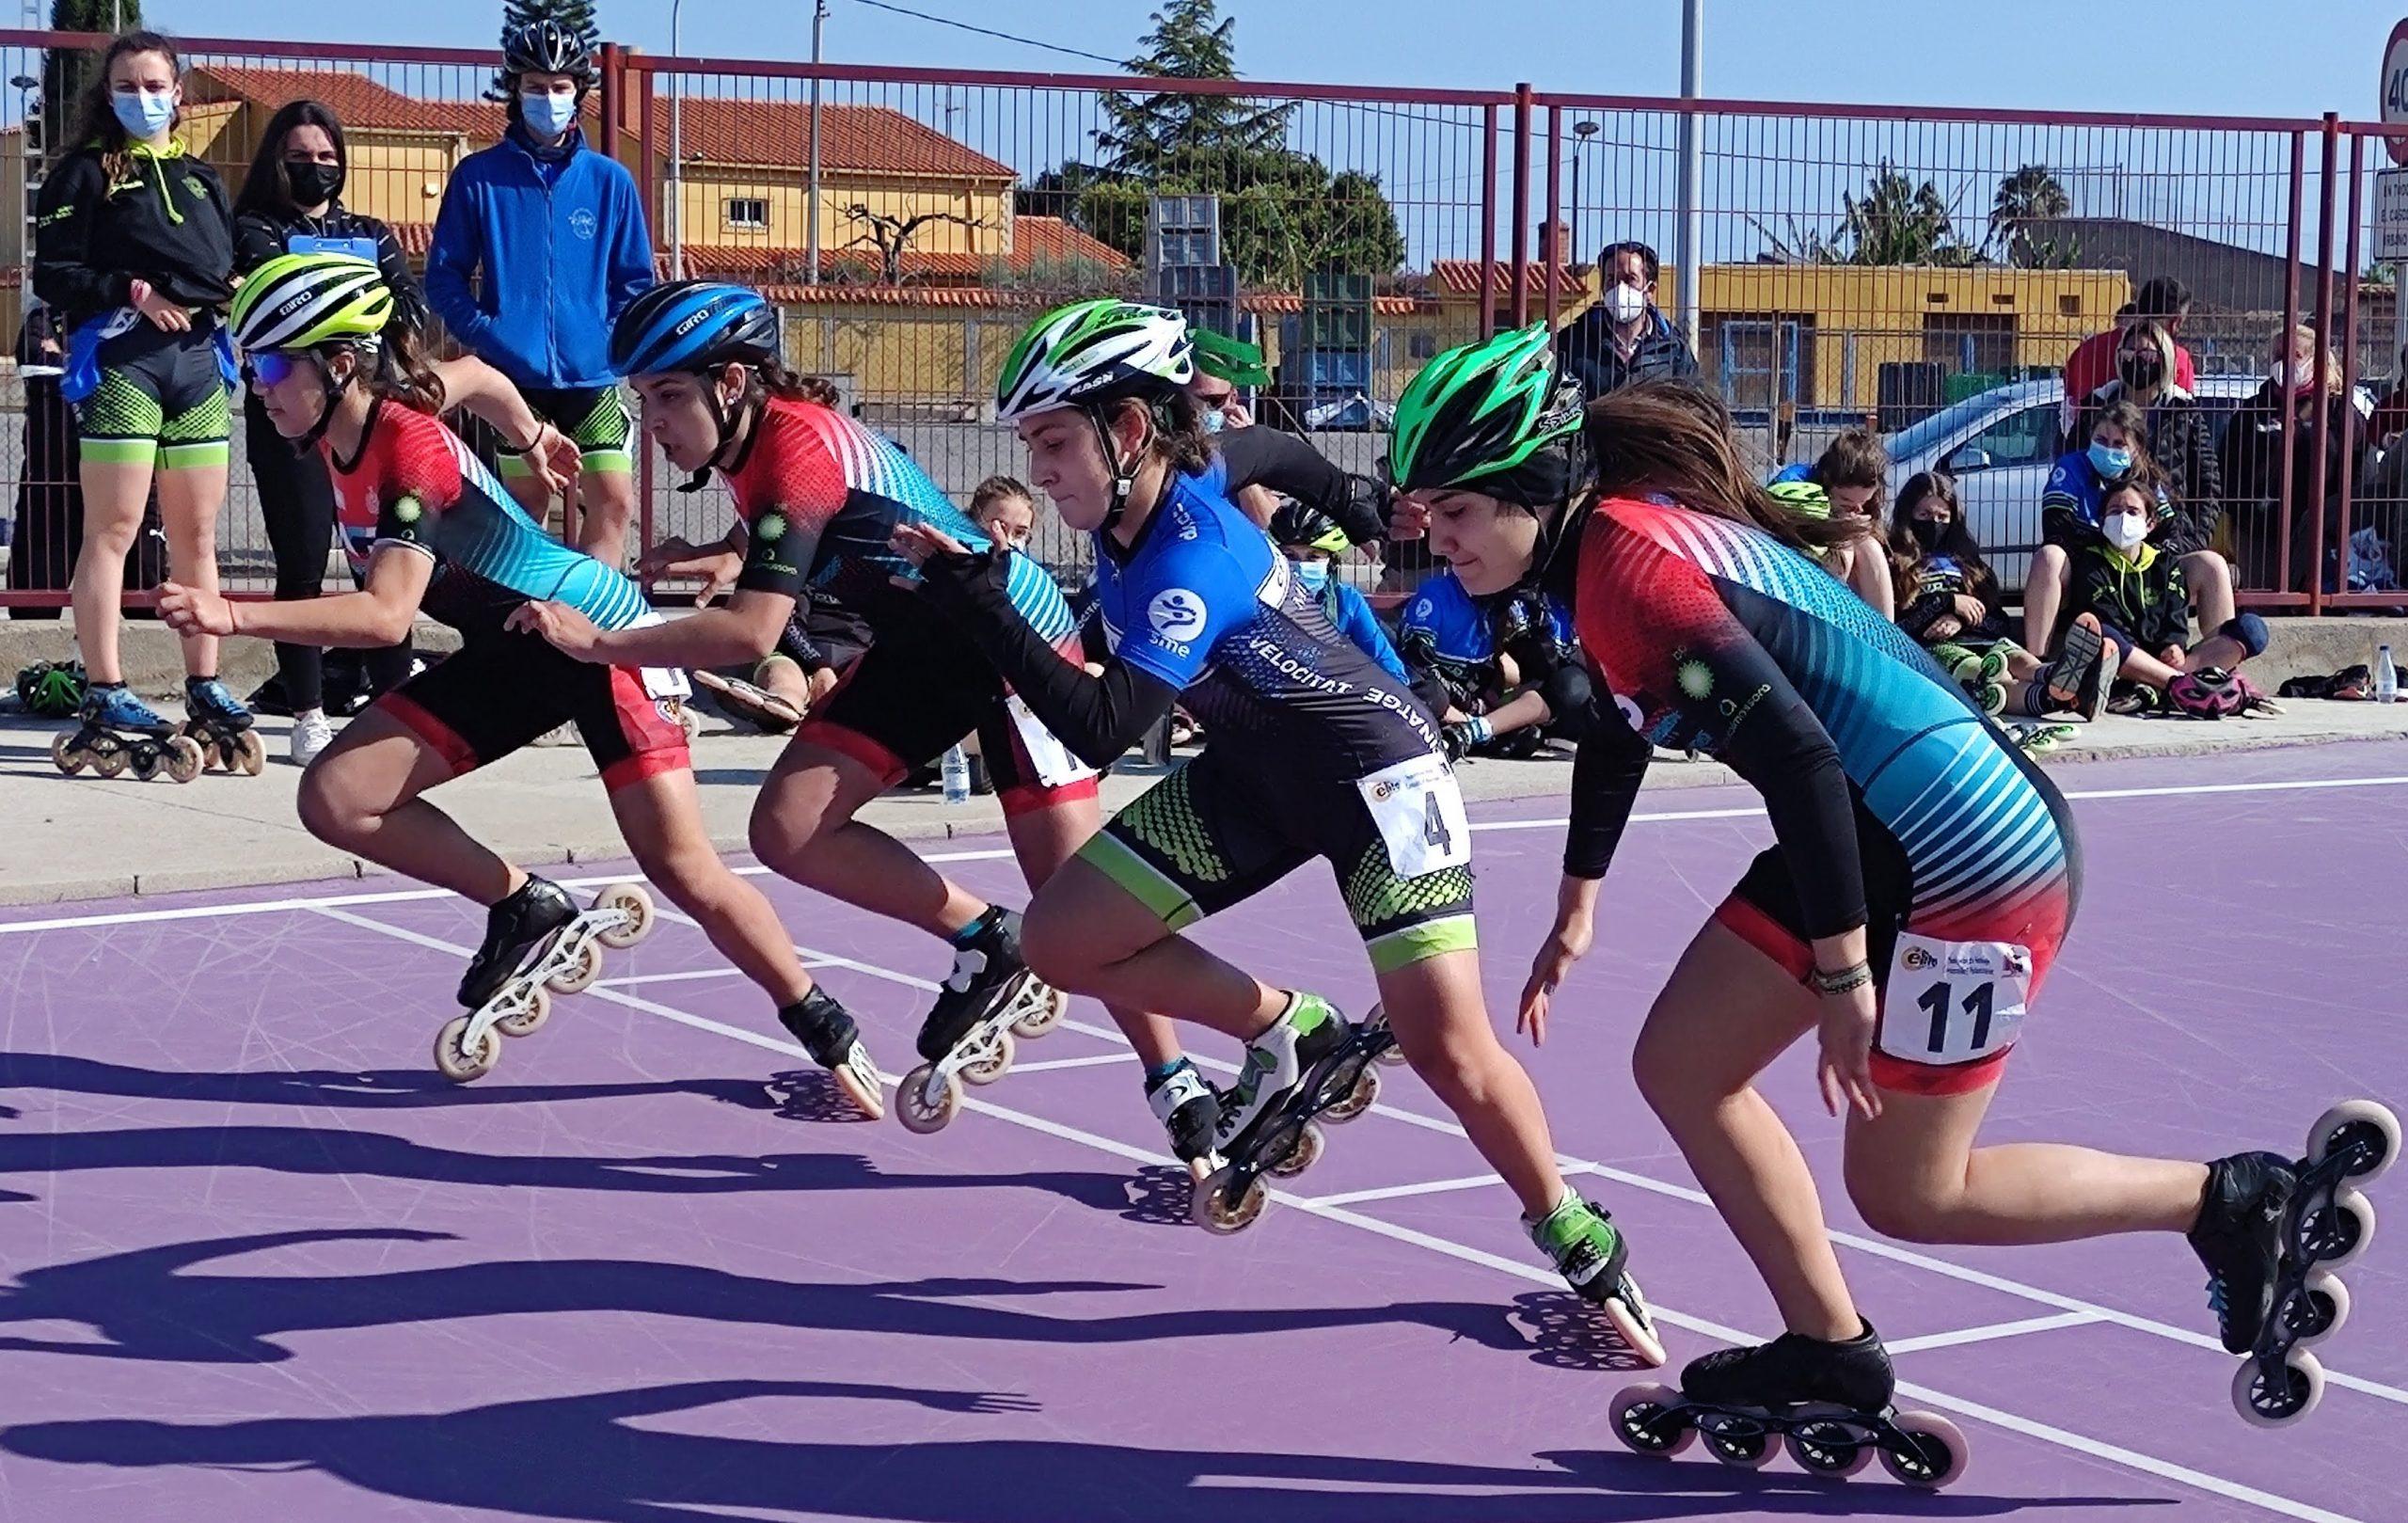 Campeonatos Autonómicos Comunidad Valenciana 2021 Categoría Juvenil Femenino